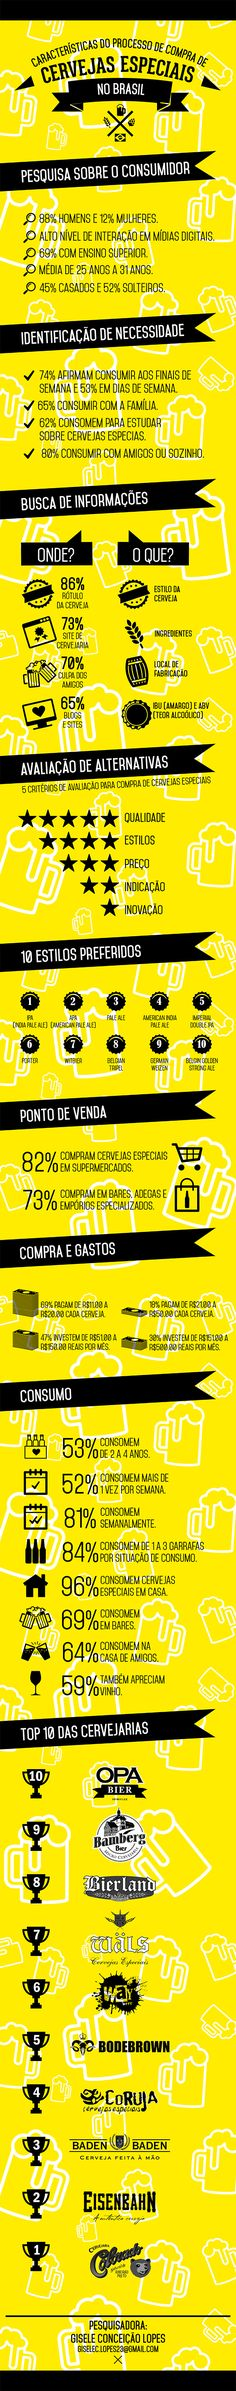 Perfil do consumidor de cerveja na hora da compra